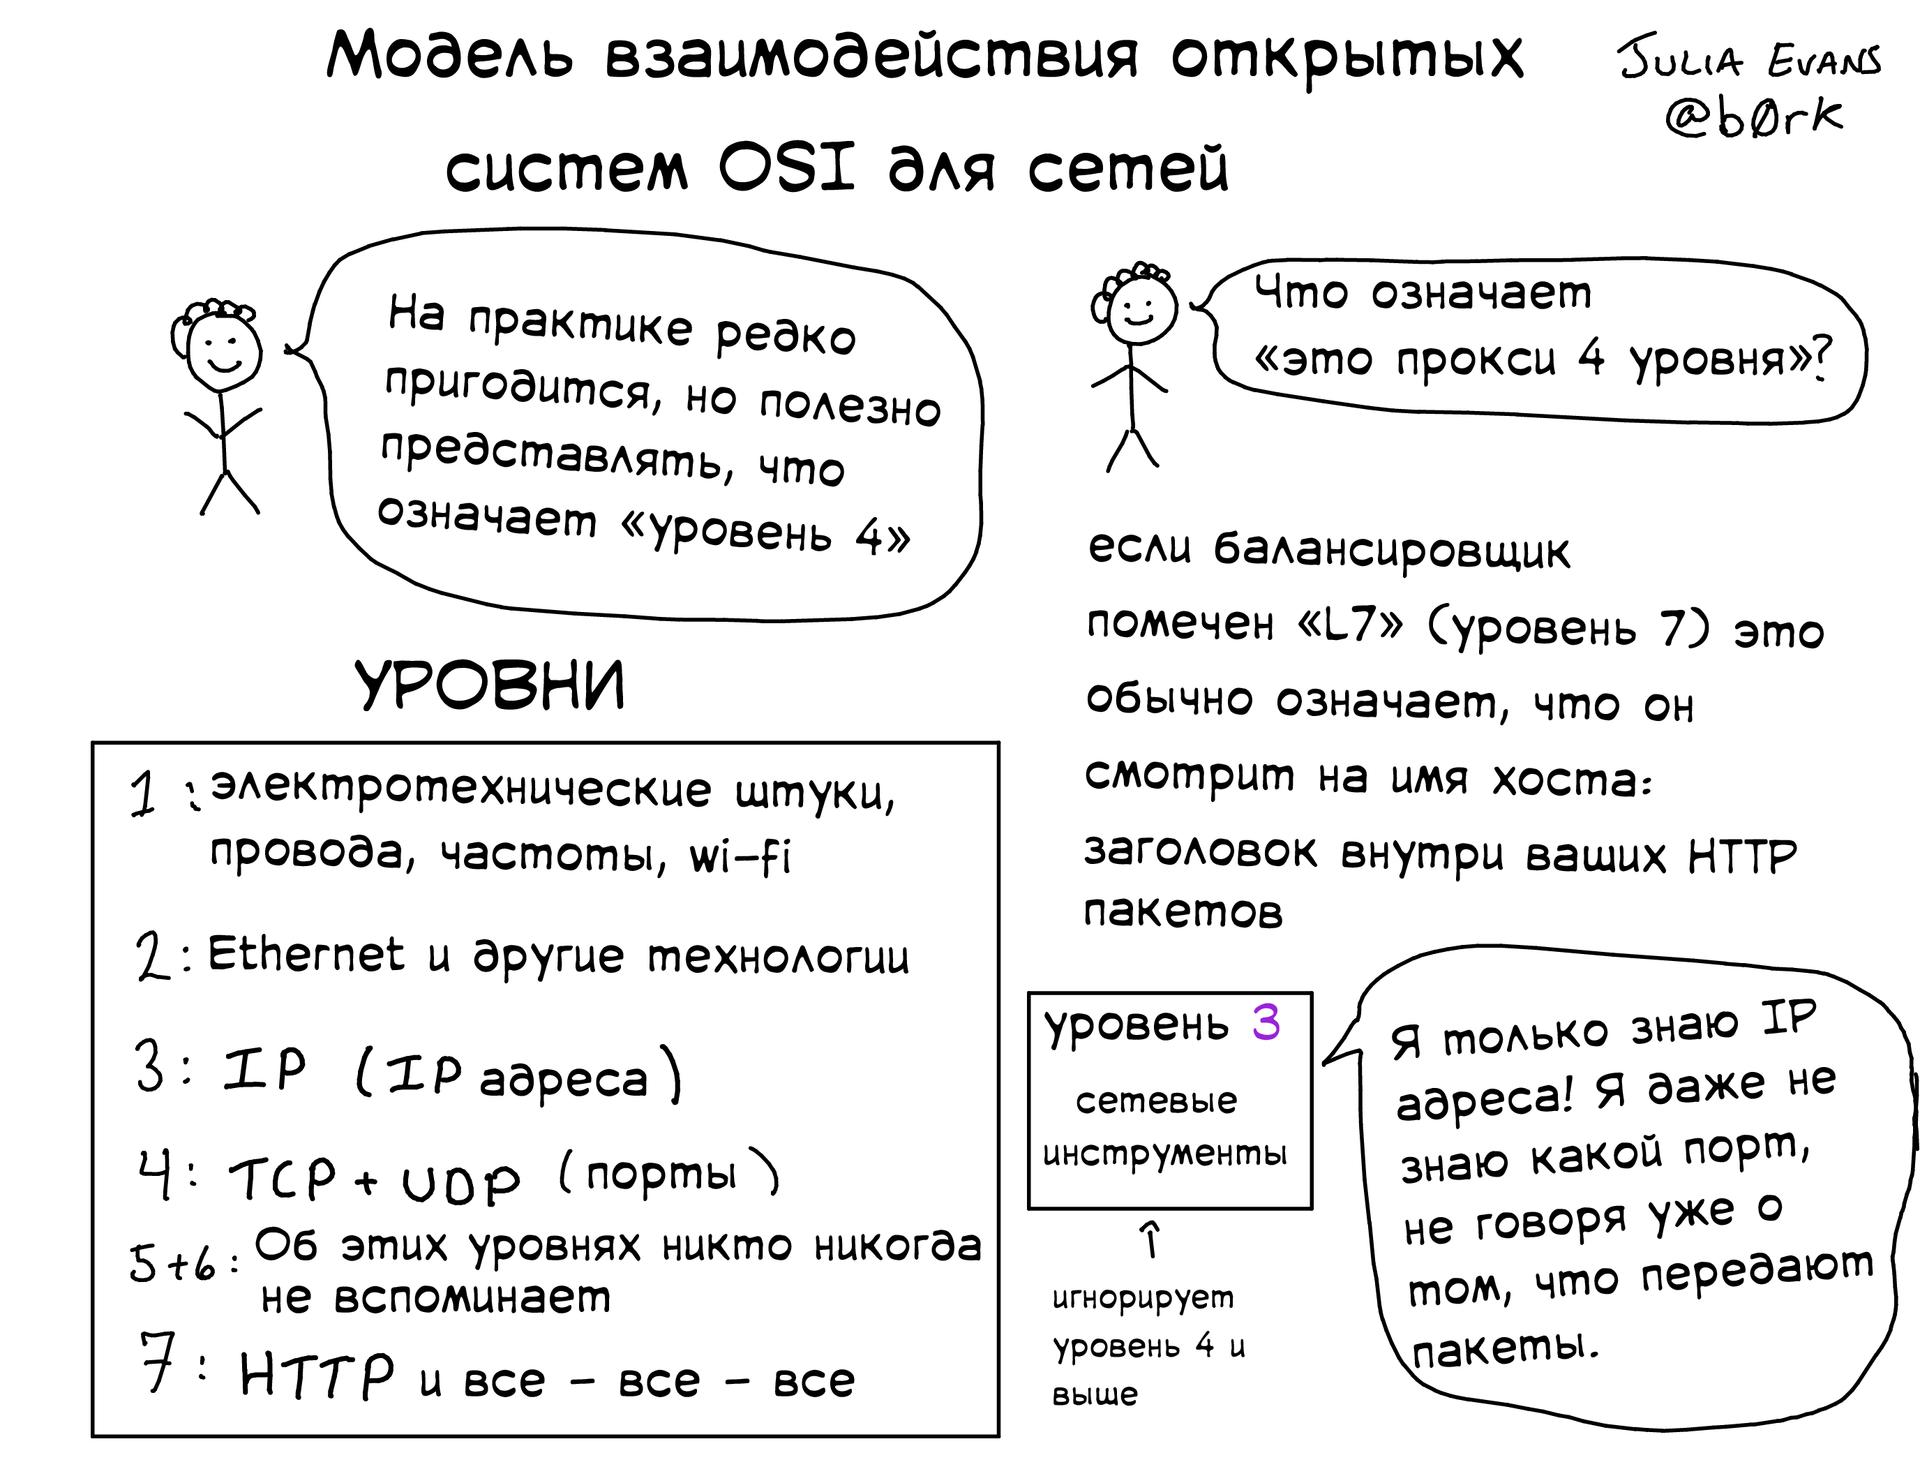 Подборка полезных слайдов от Джулии Эванс - 5